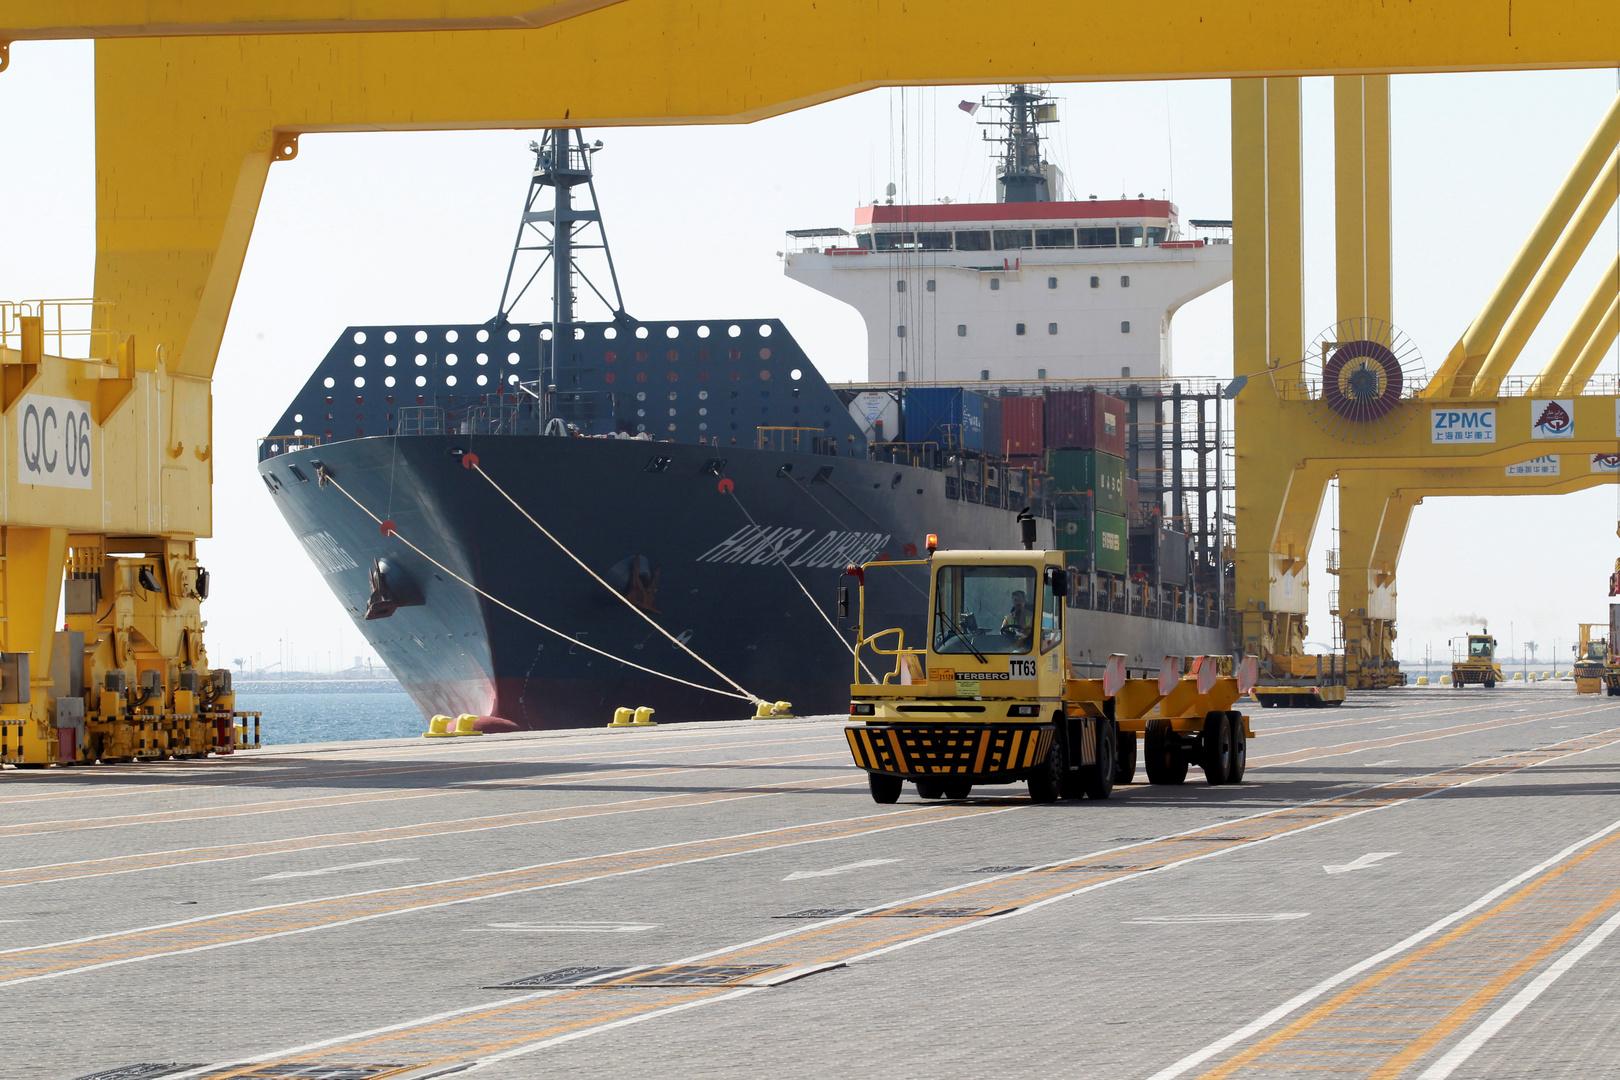 صورة تعبيرية - ميناء حمد في قطر